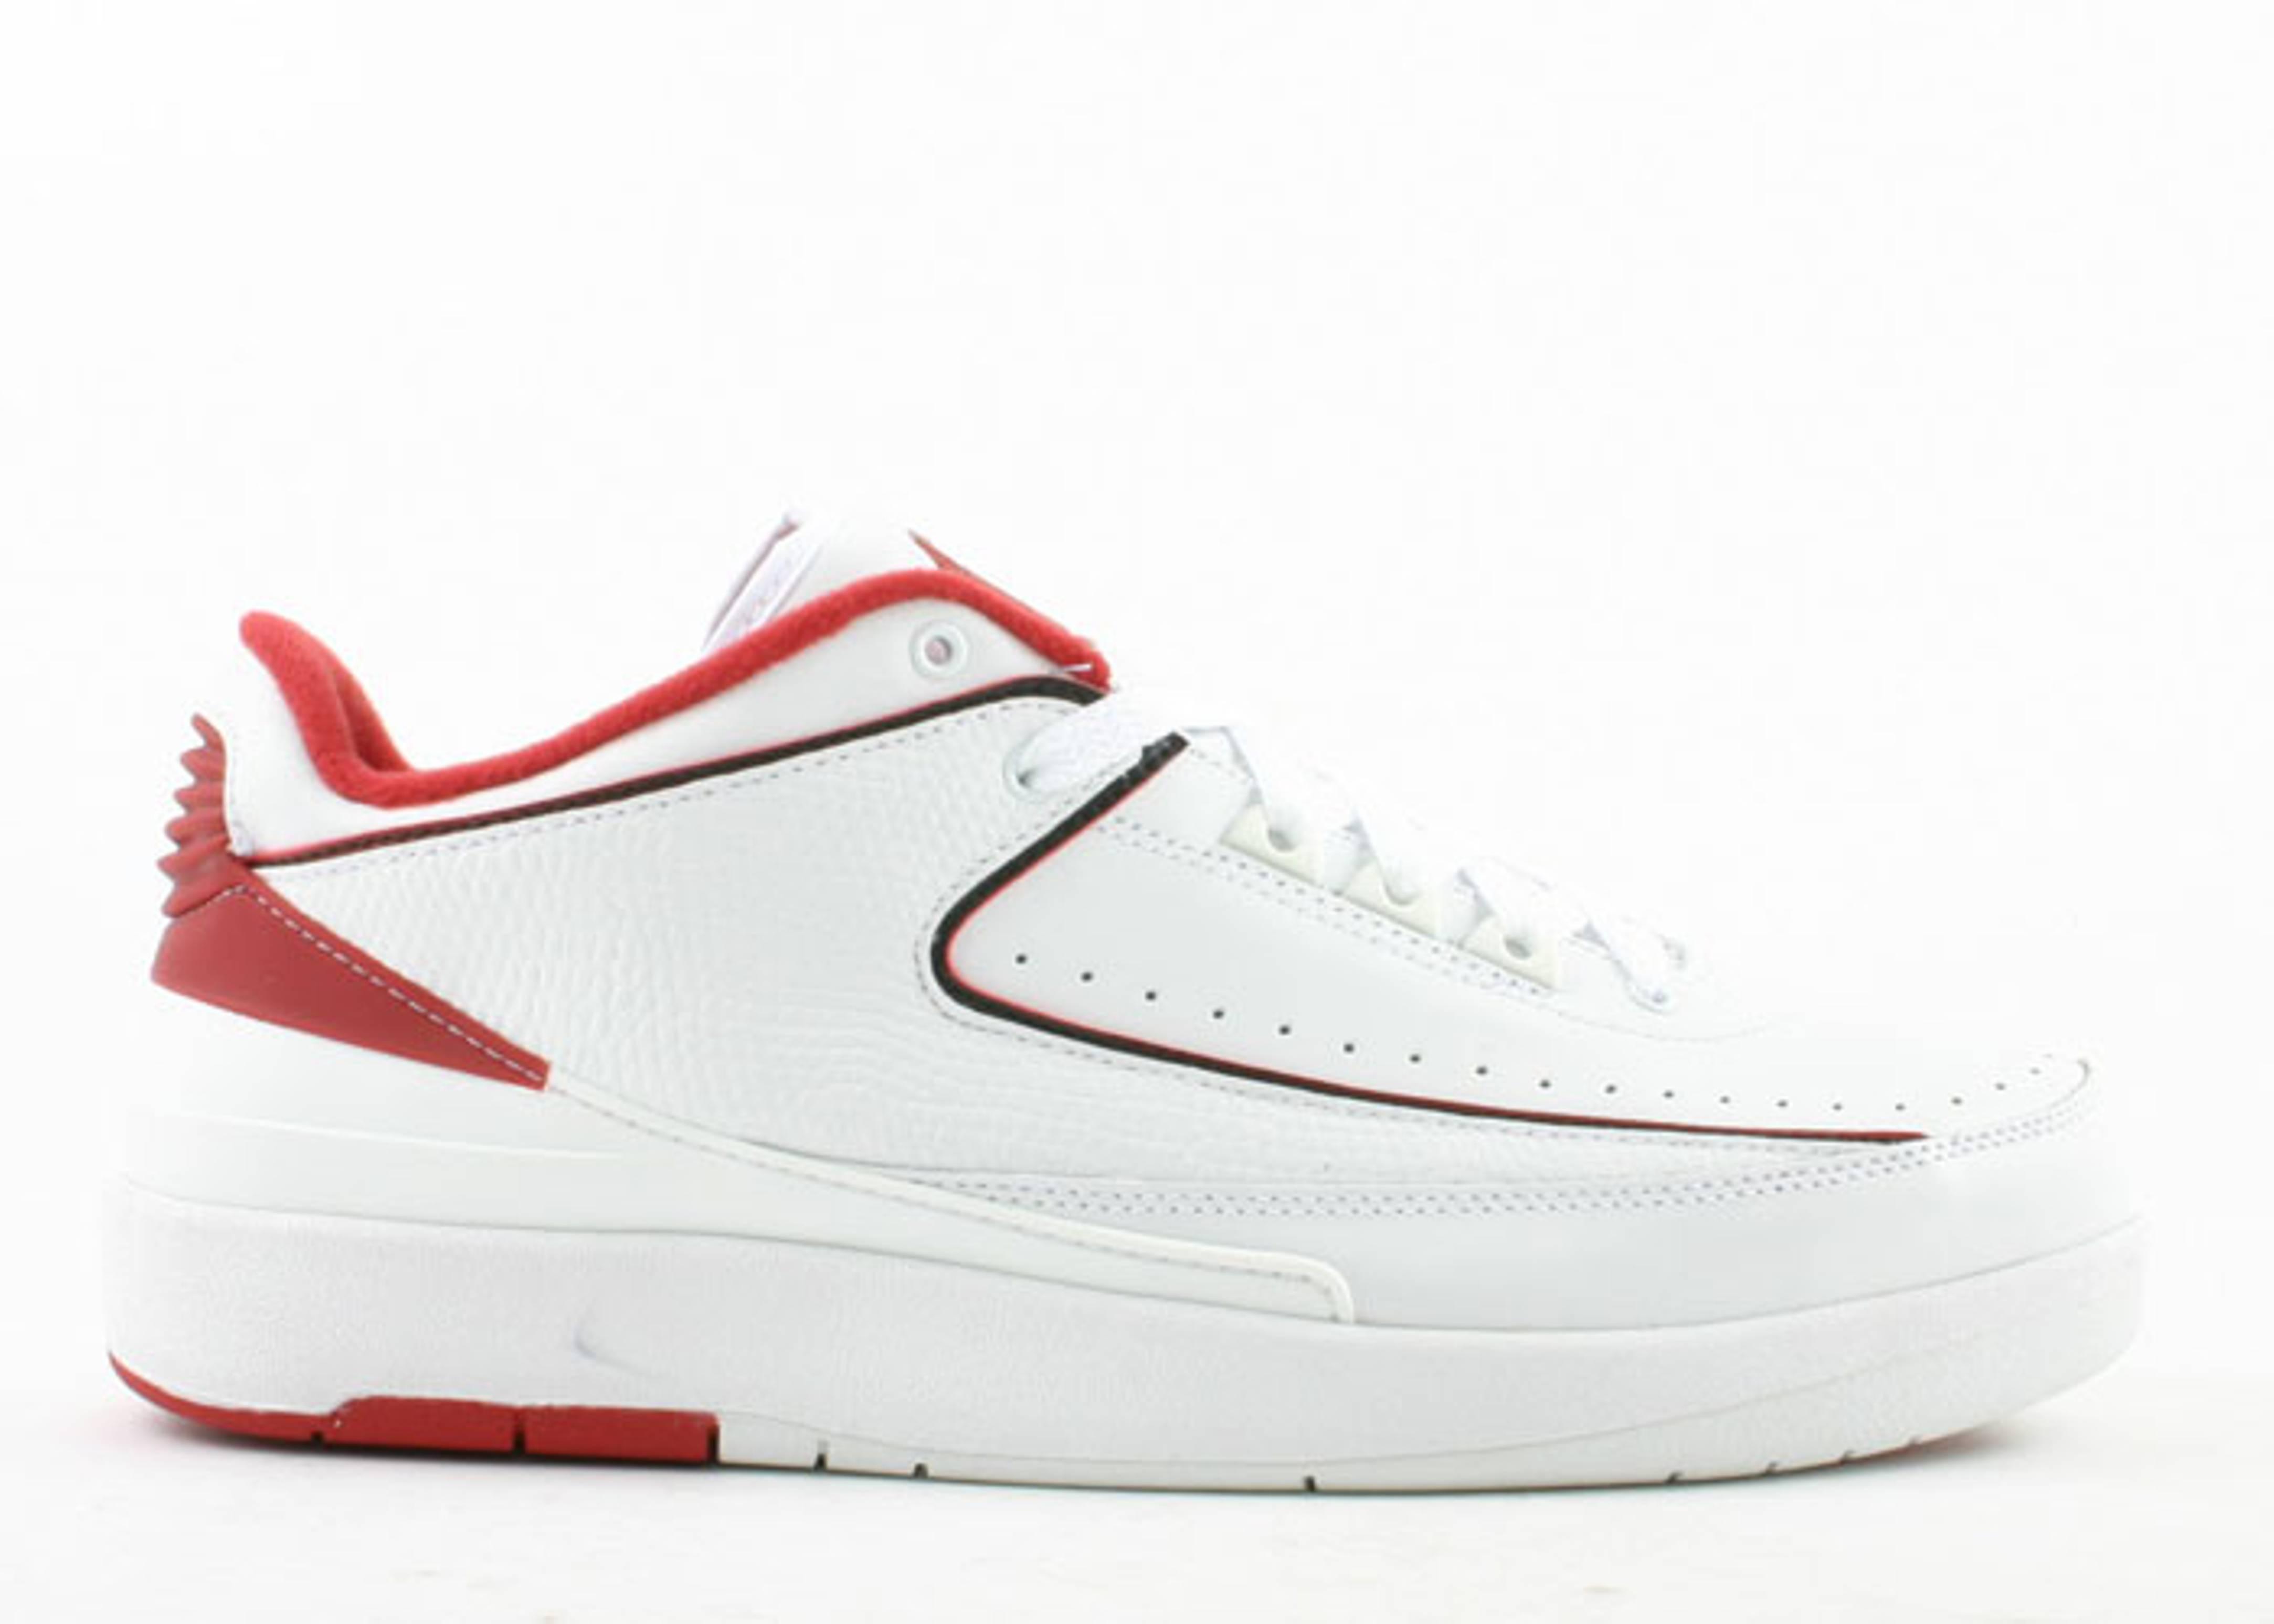 abd9a56027a441 Air Jordan 2 Retro Low